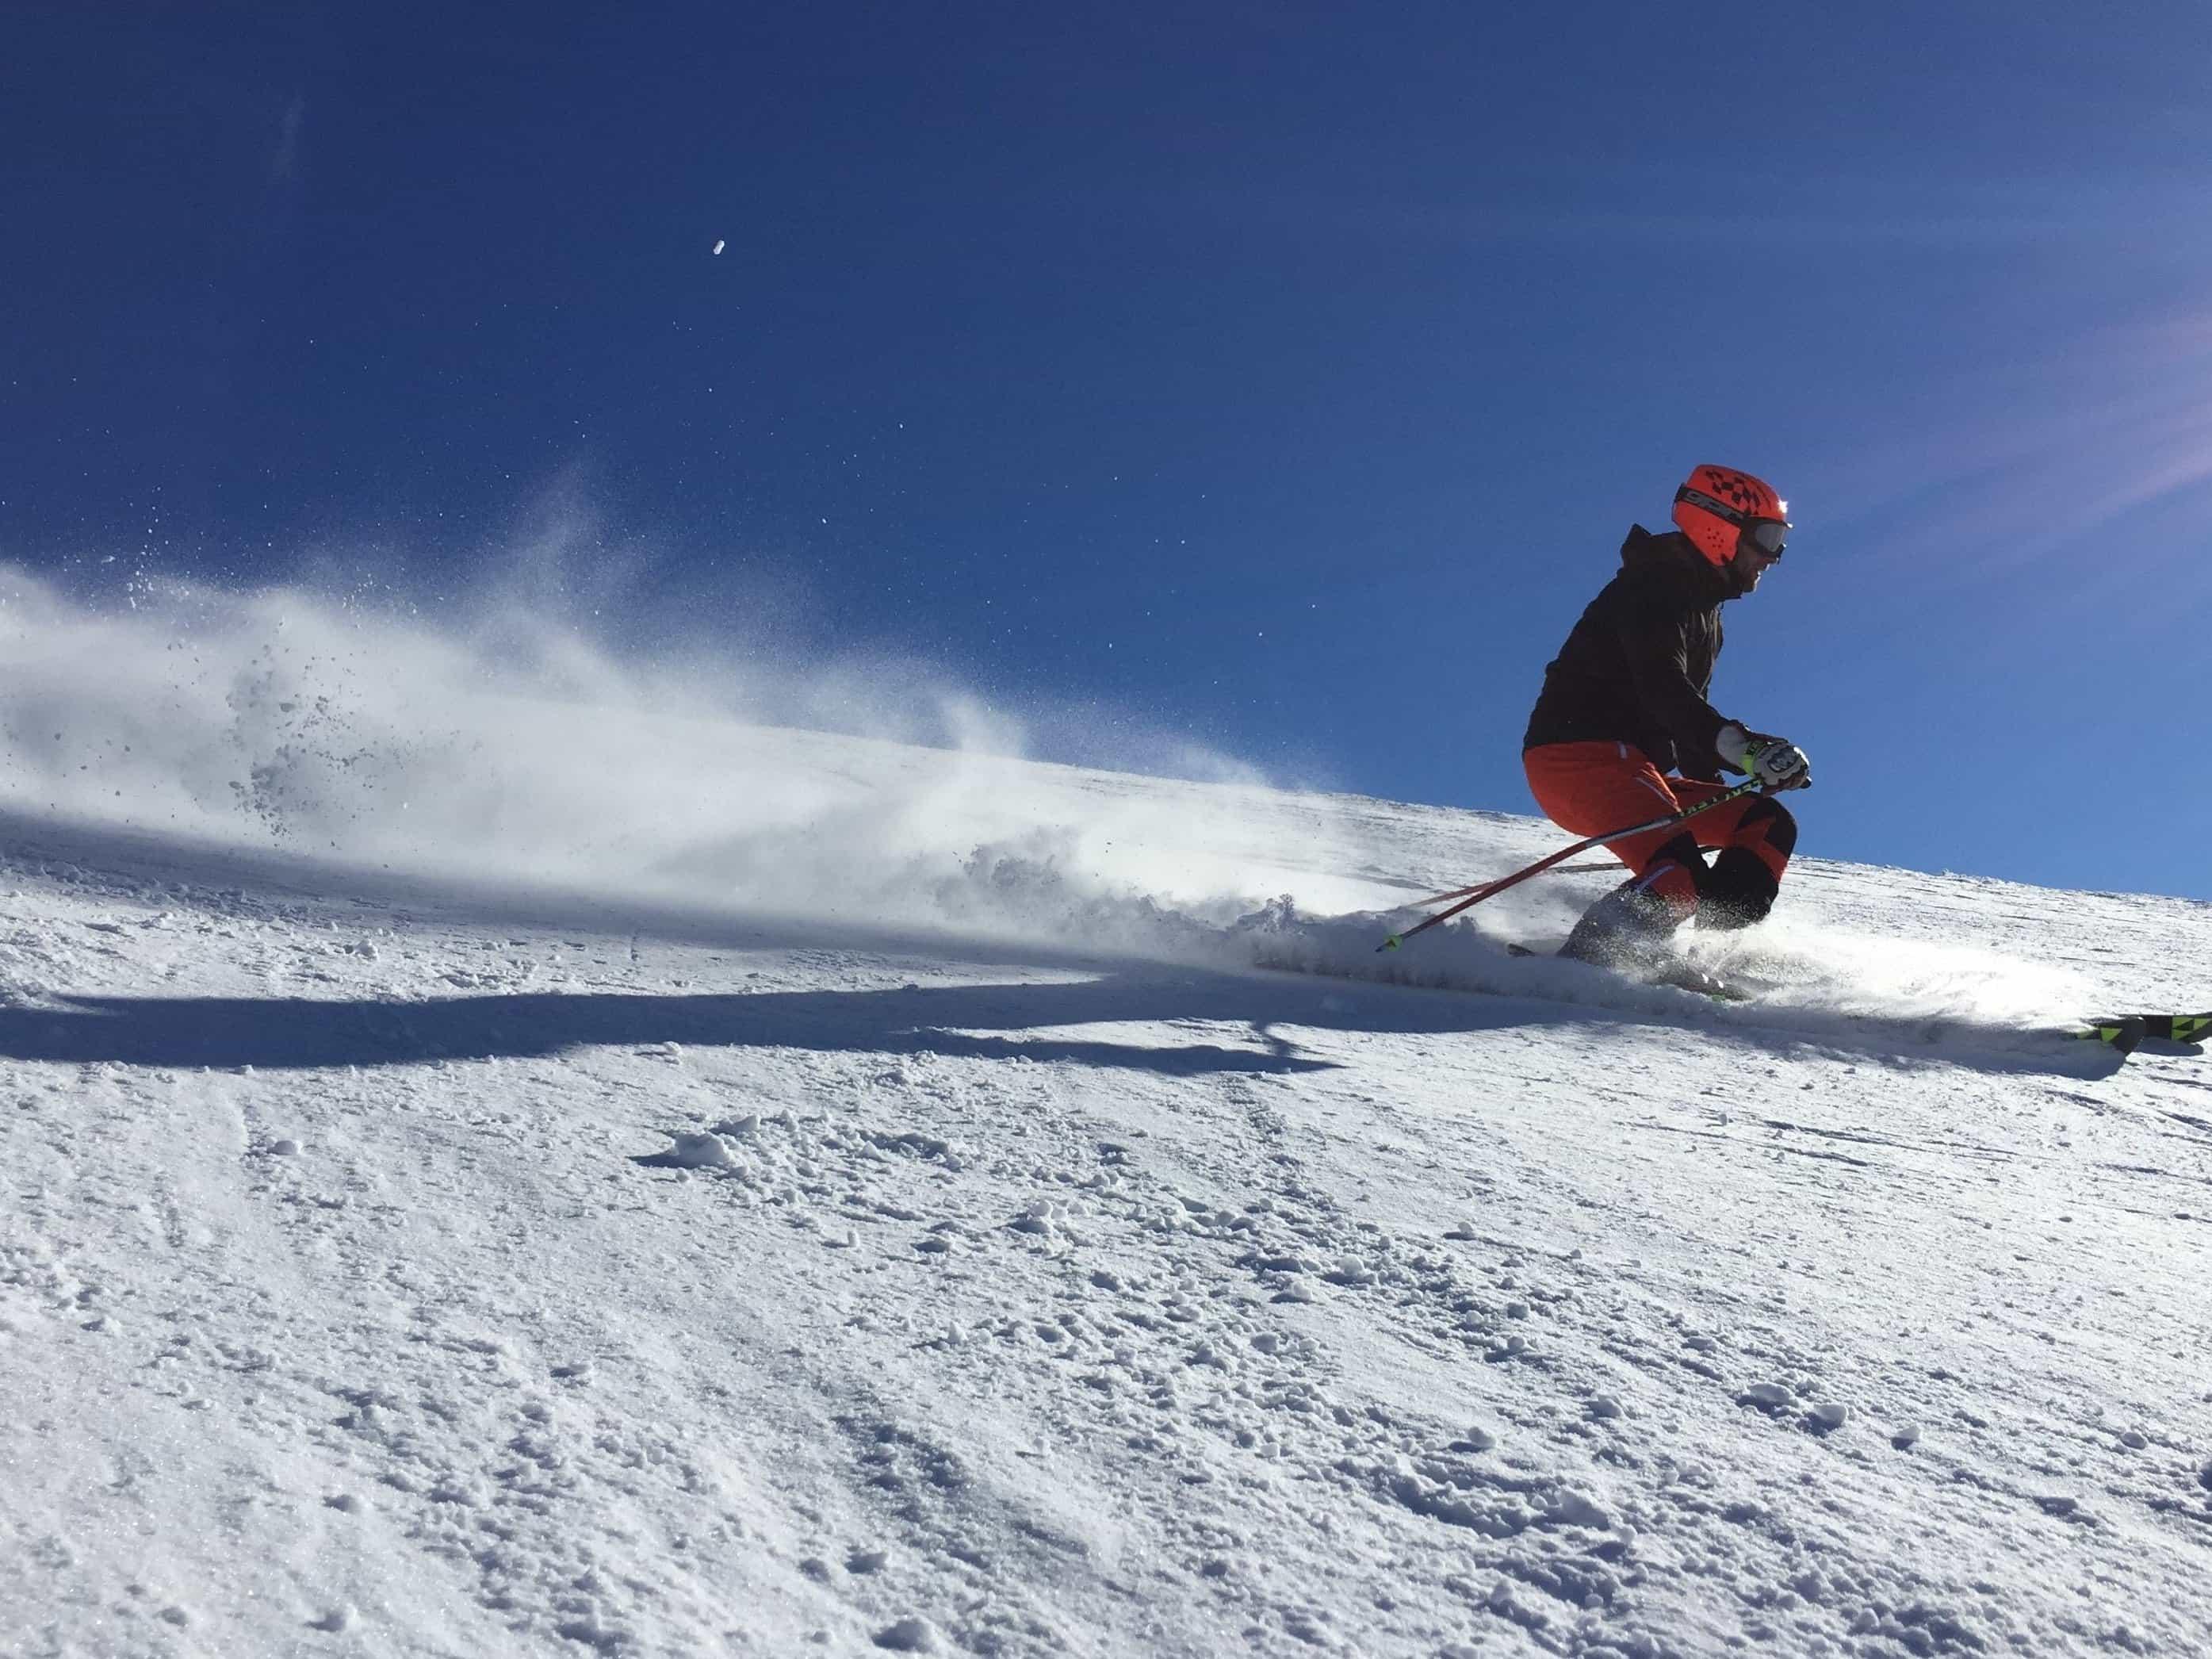 El esqui alpino